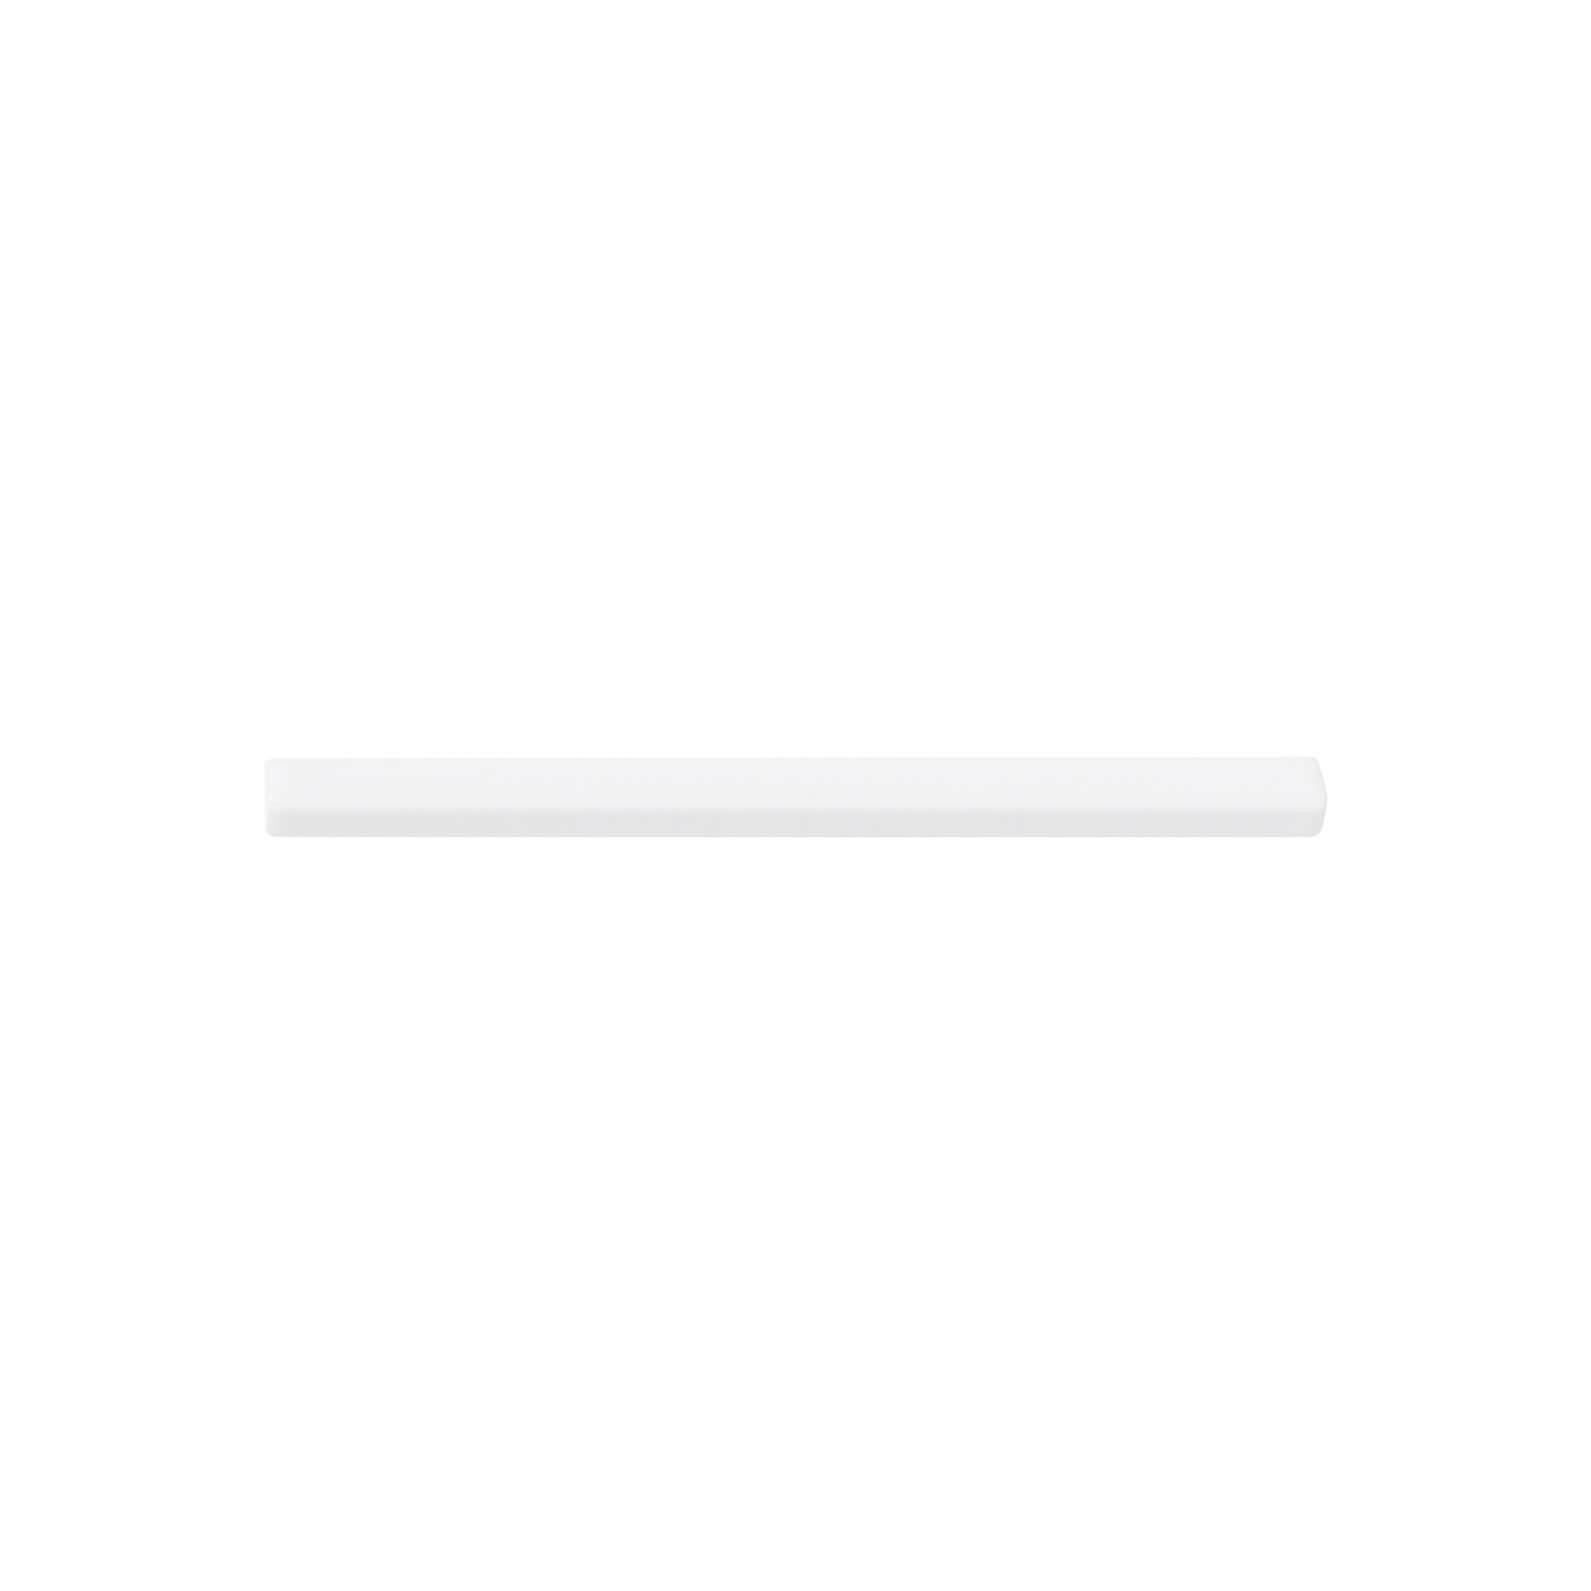 ADST5172 - BULLNOSE TRIM - 0.75 cm X 14.8 cm